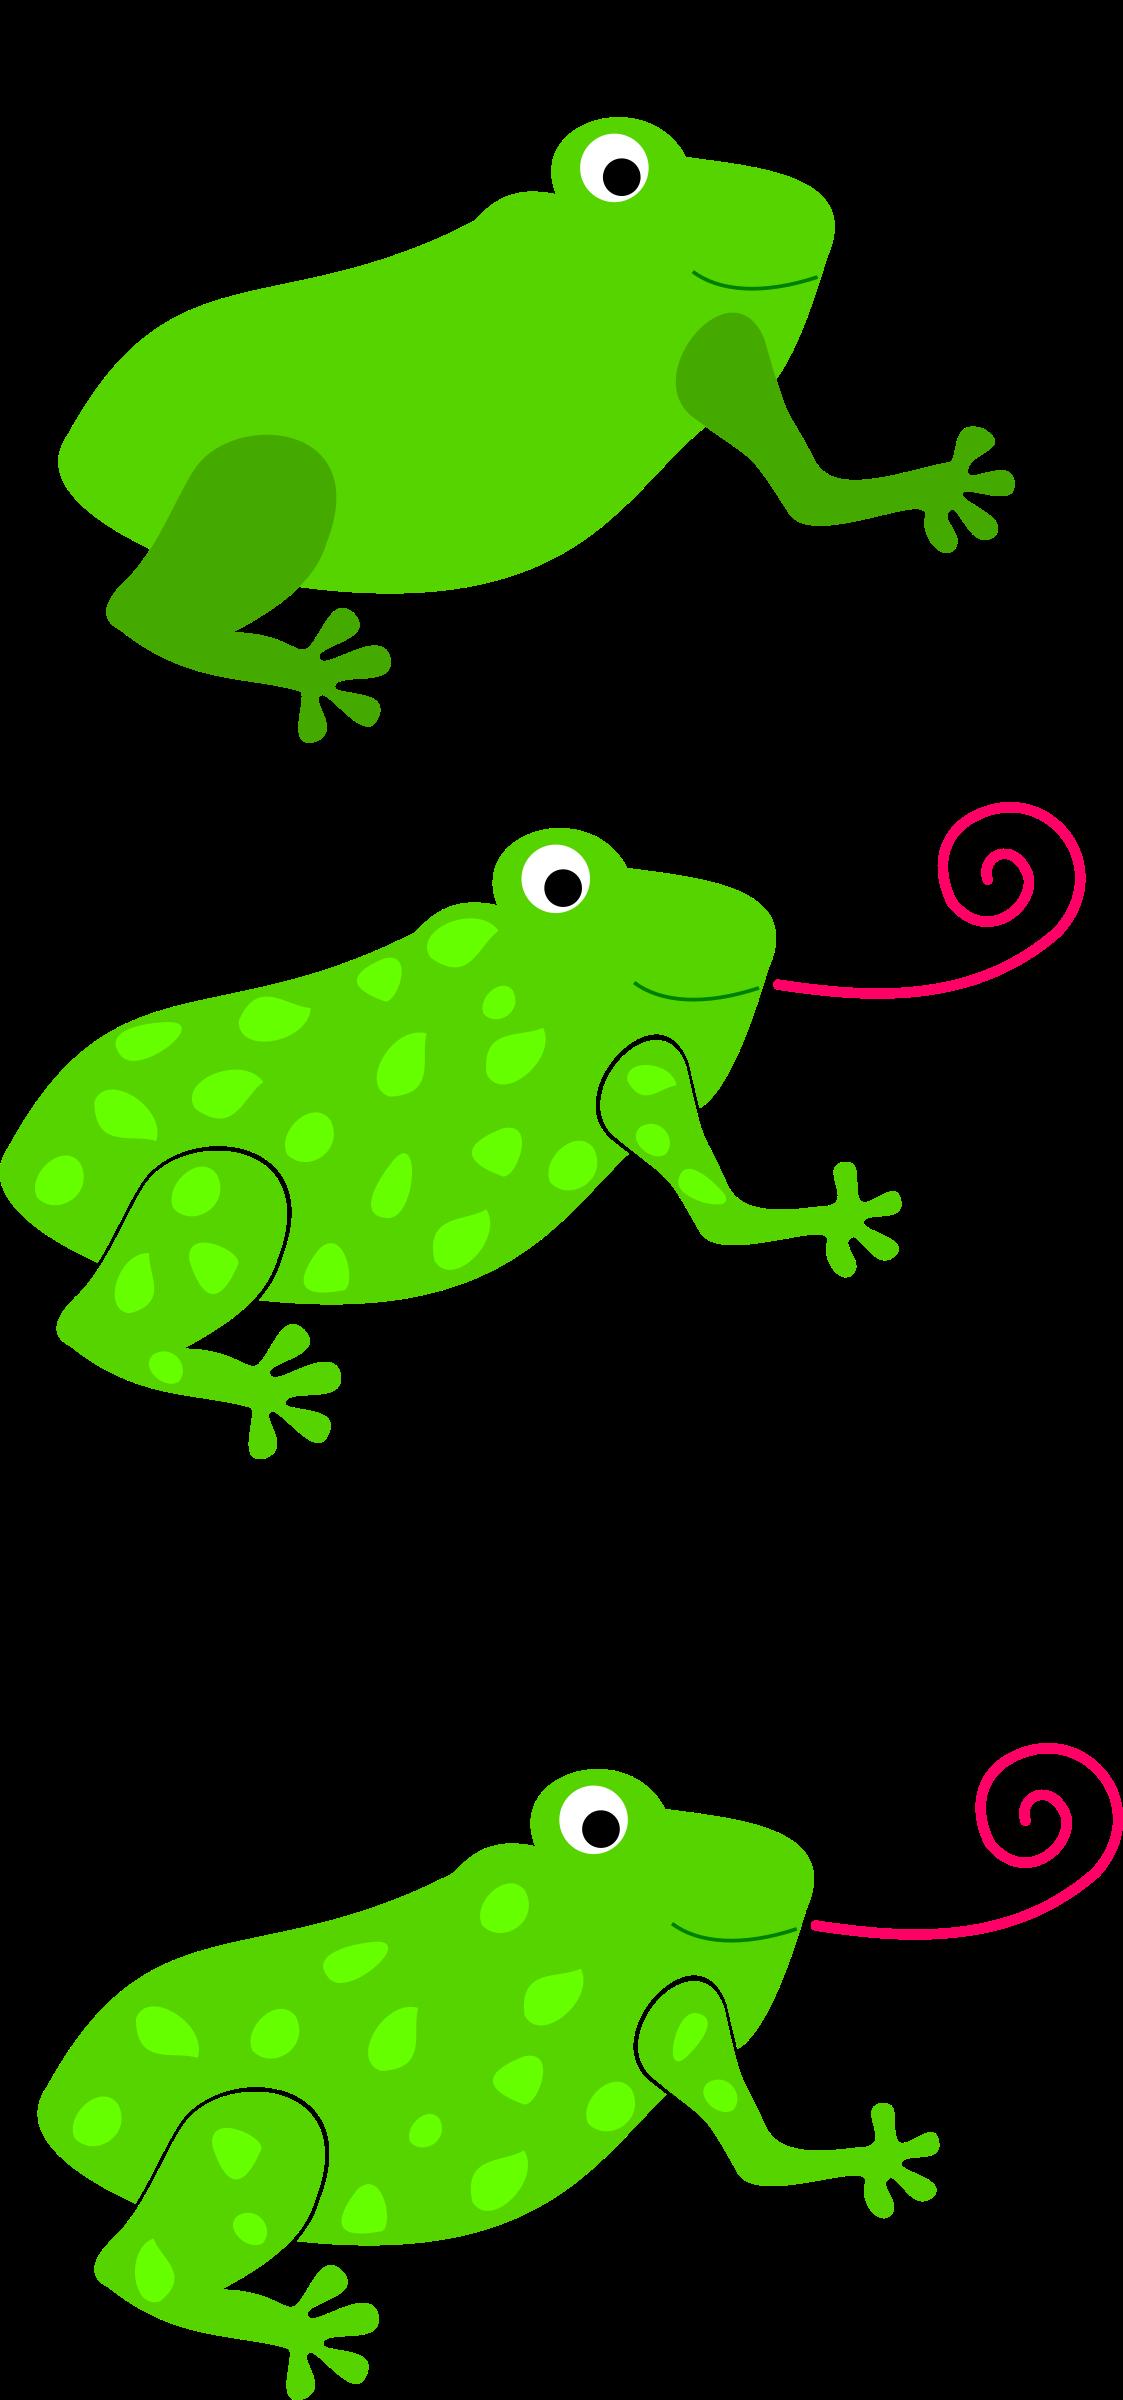 Frog clipart bullfrog. Granota grenouille big image